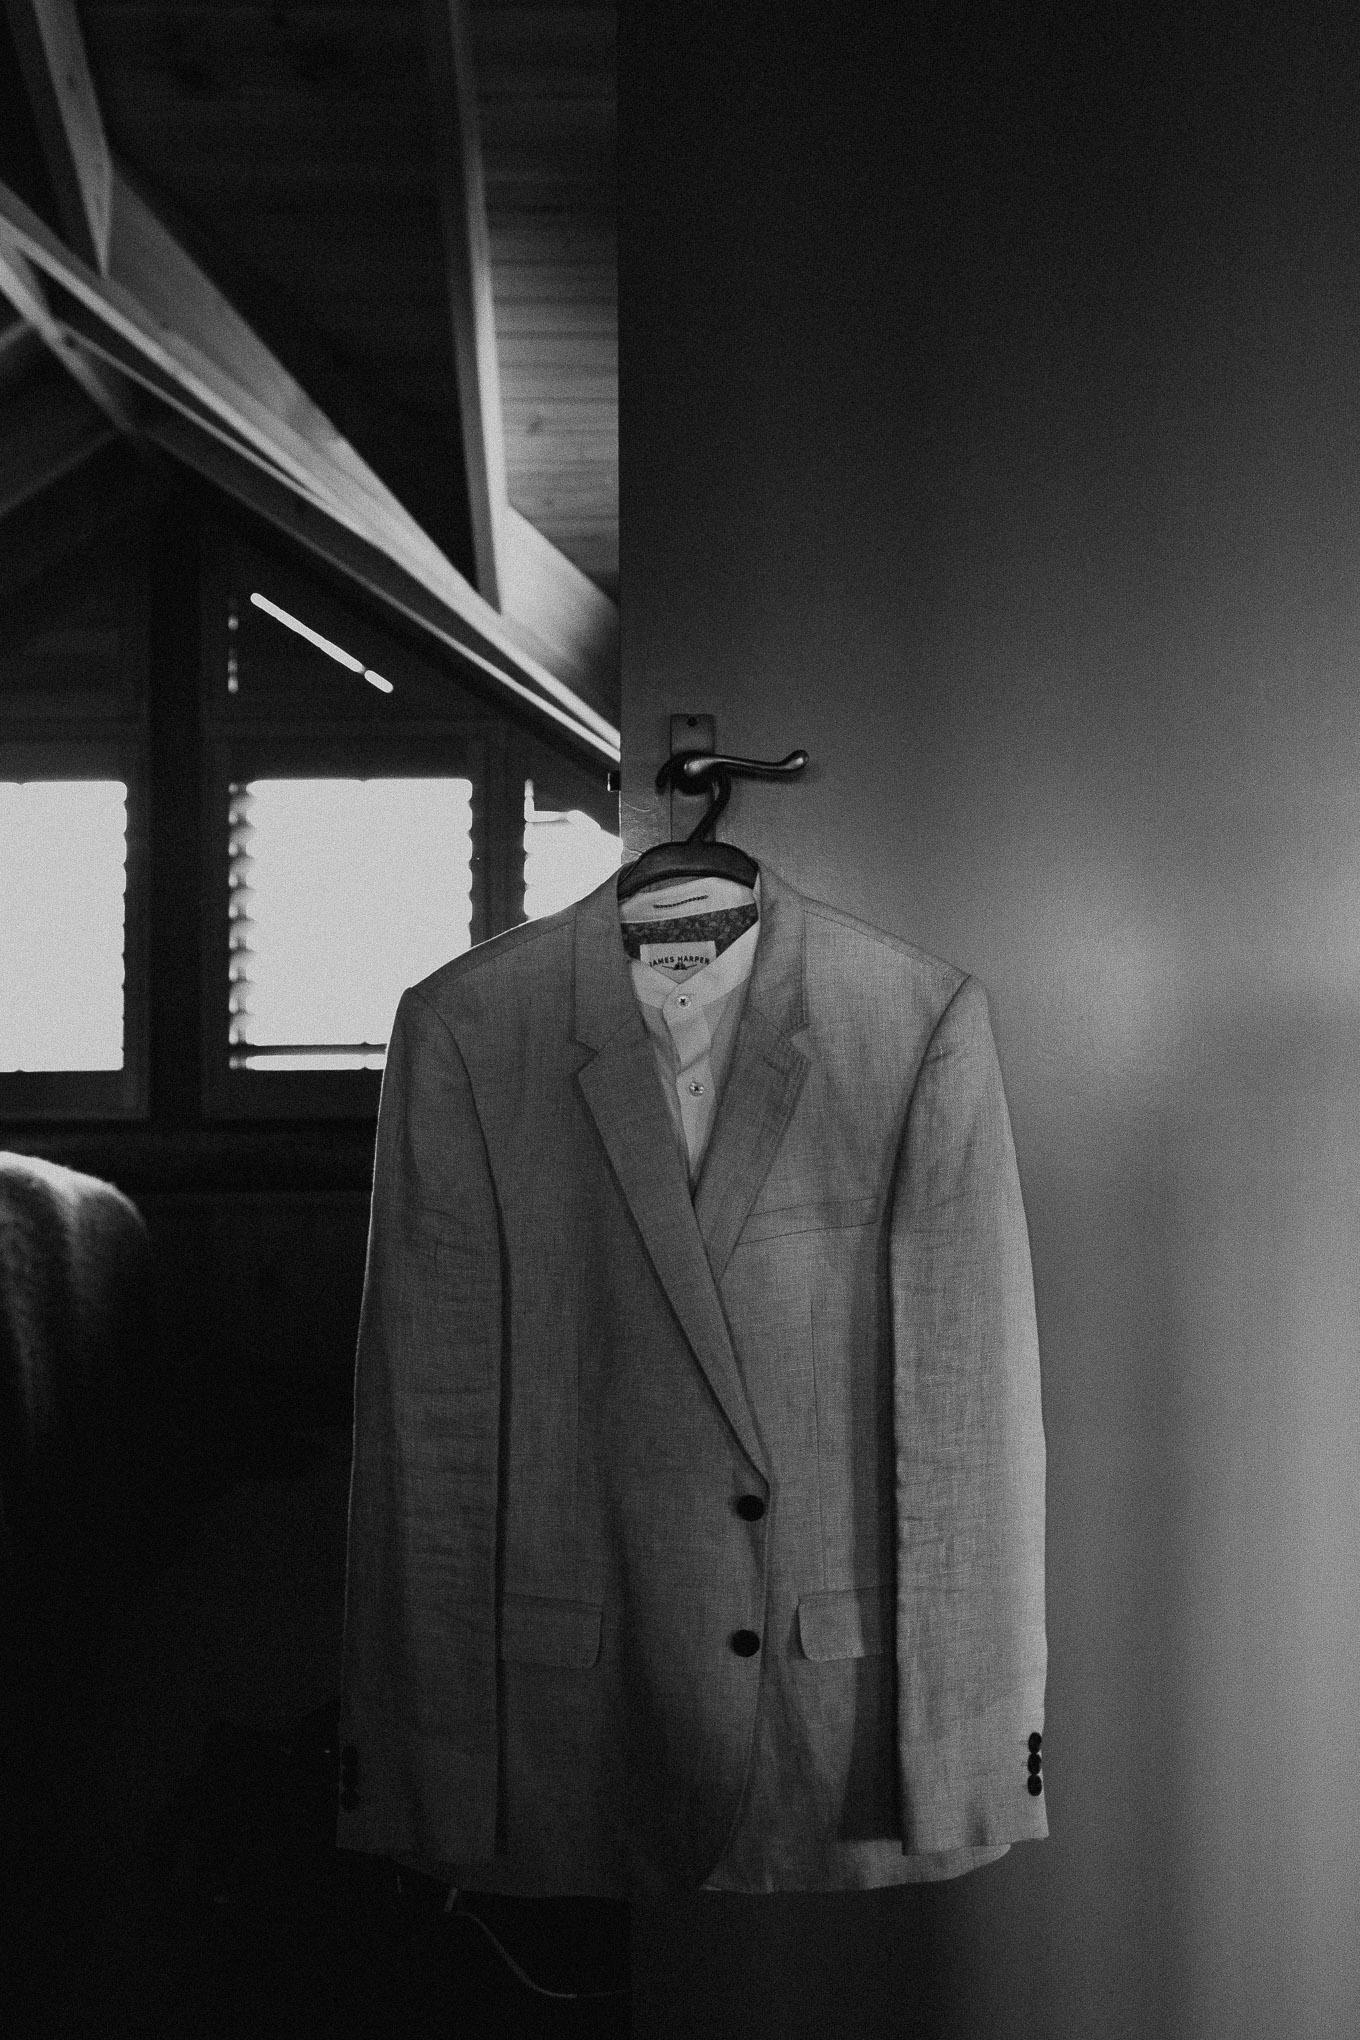 Groom's suit hanging on a door